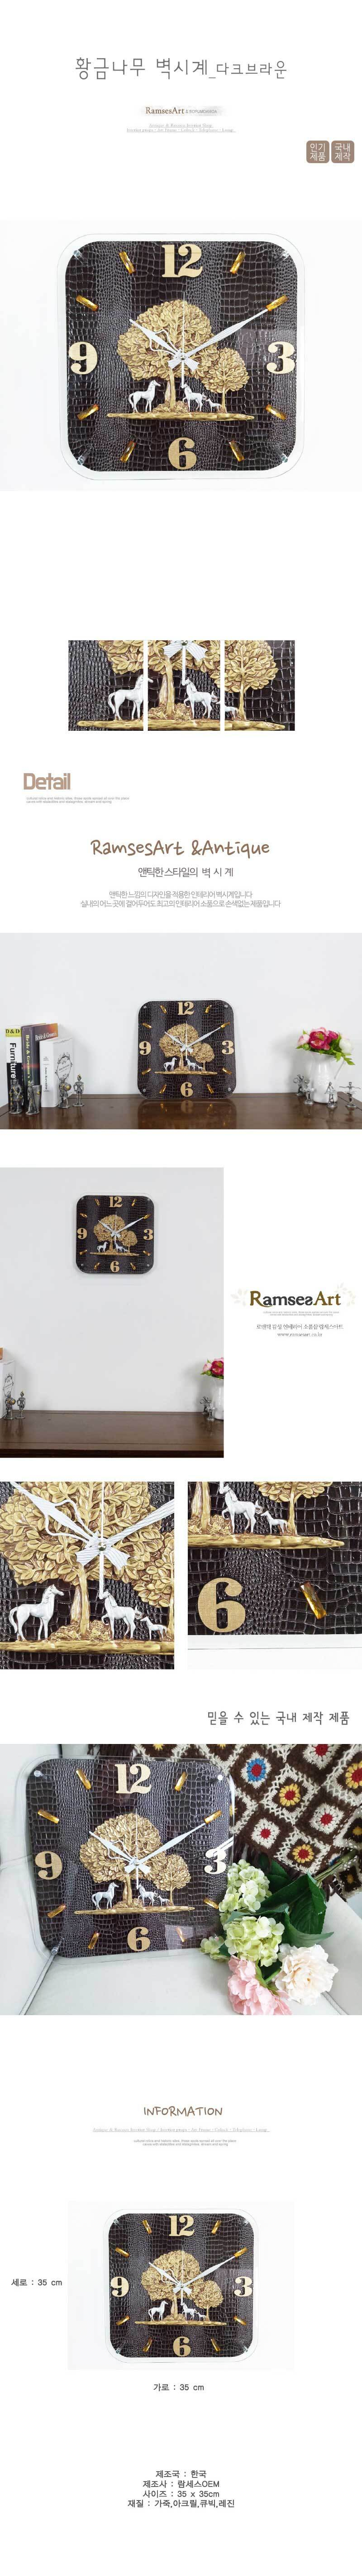 예쁜 엔틱 인테리어 황금나무 DKBR 벽시계 CH1546488 - 익스트리모, 105,000원, 벽시계, 디자인벽시계